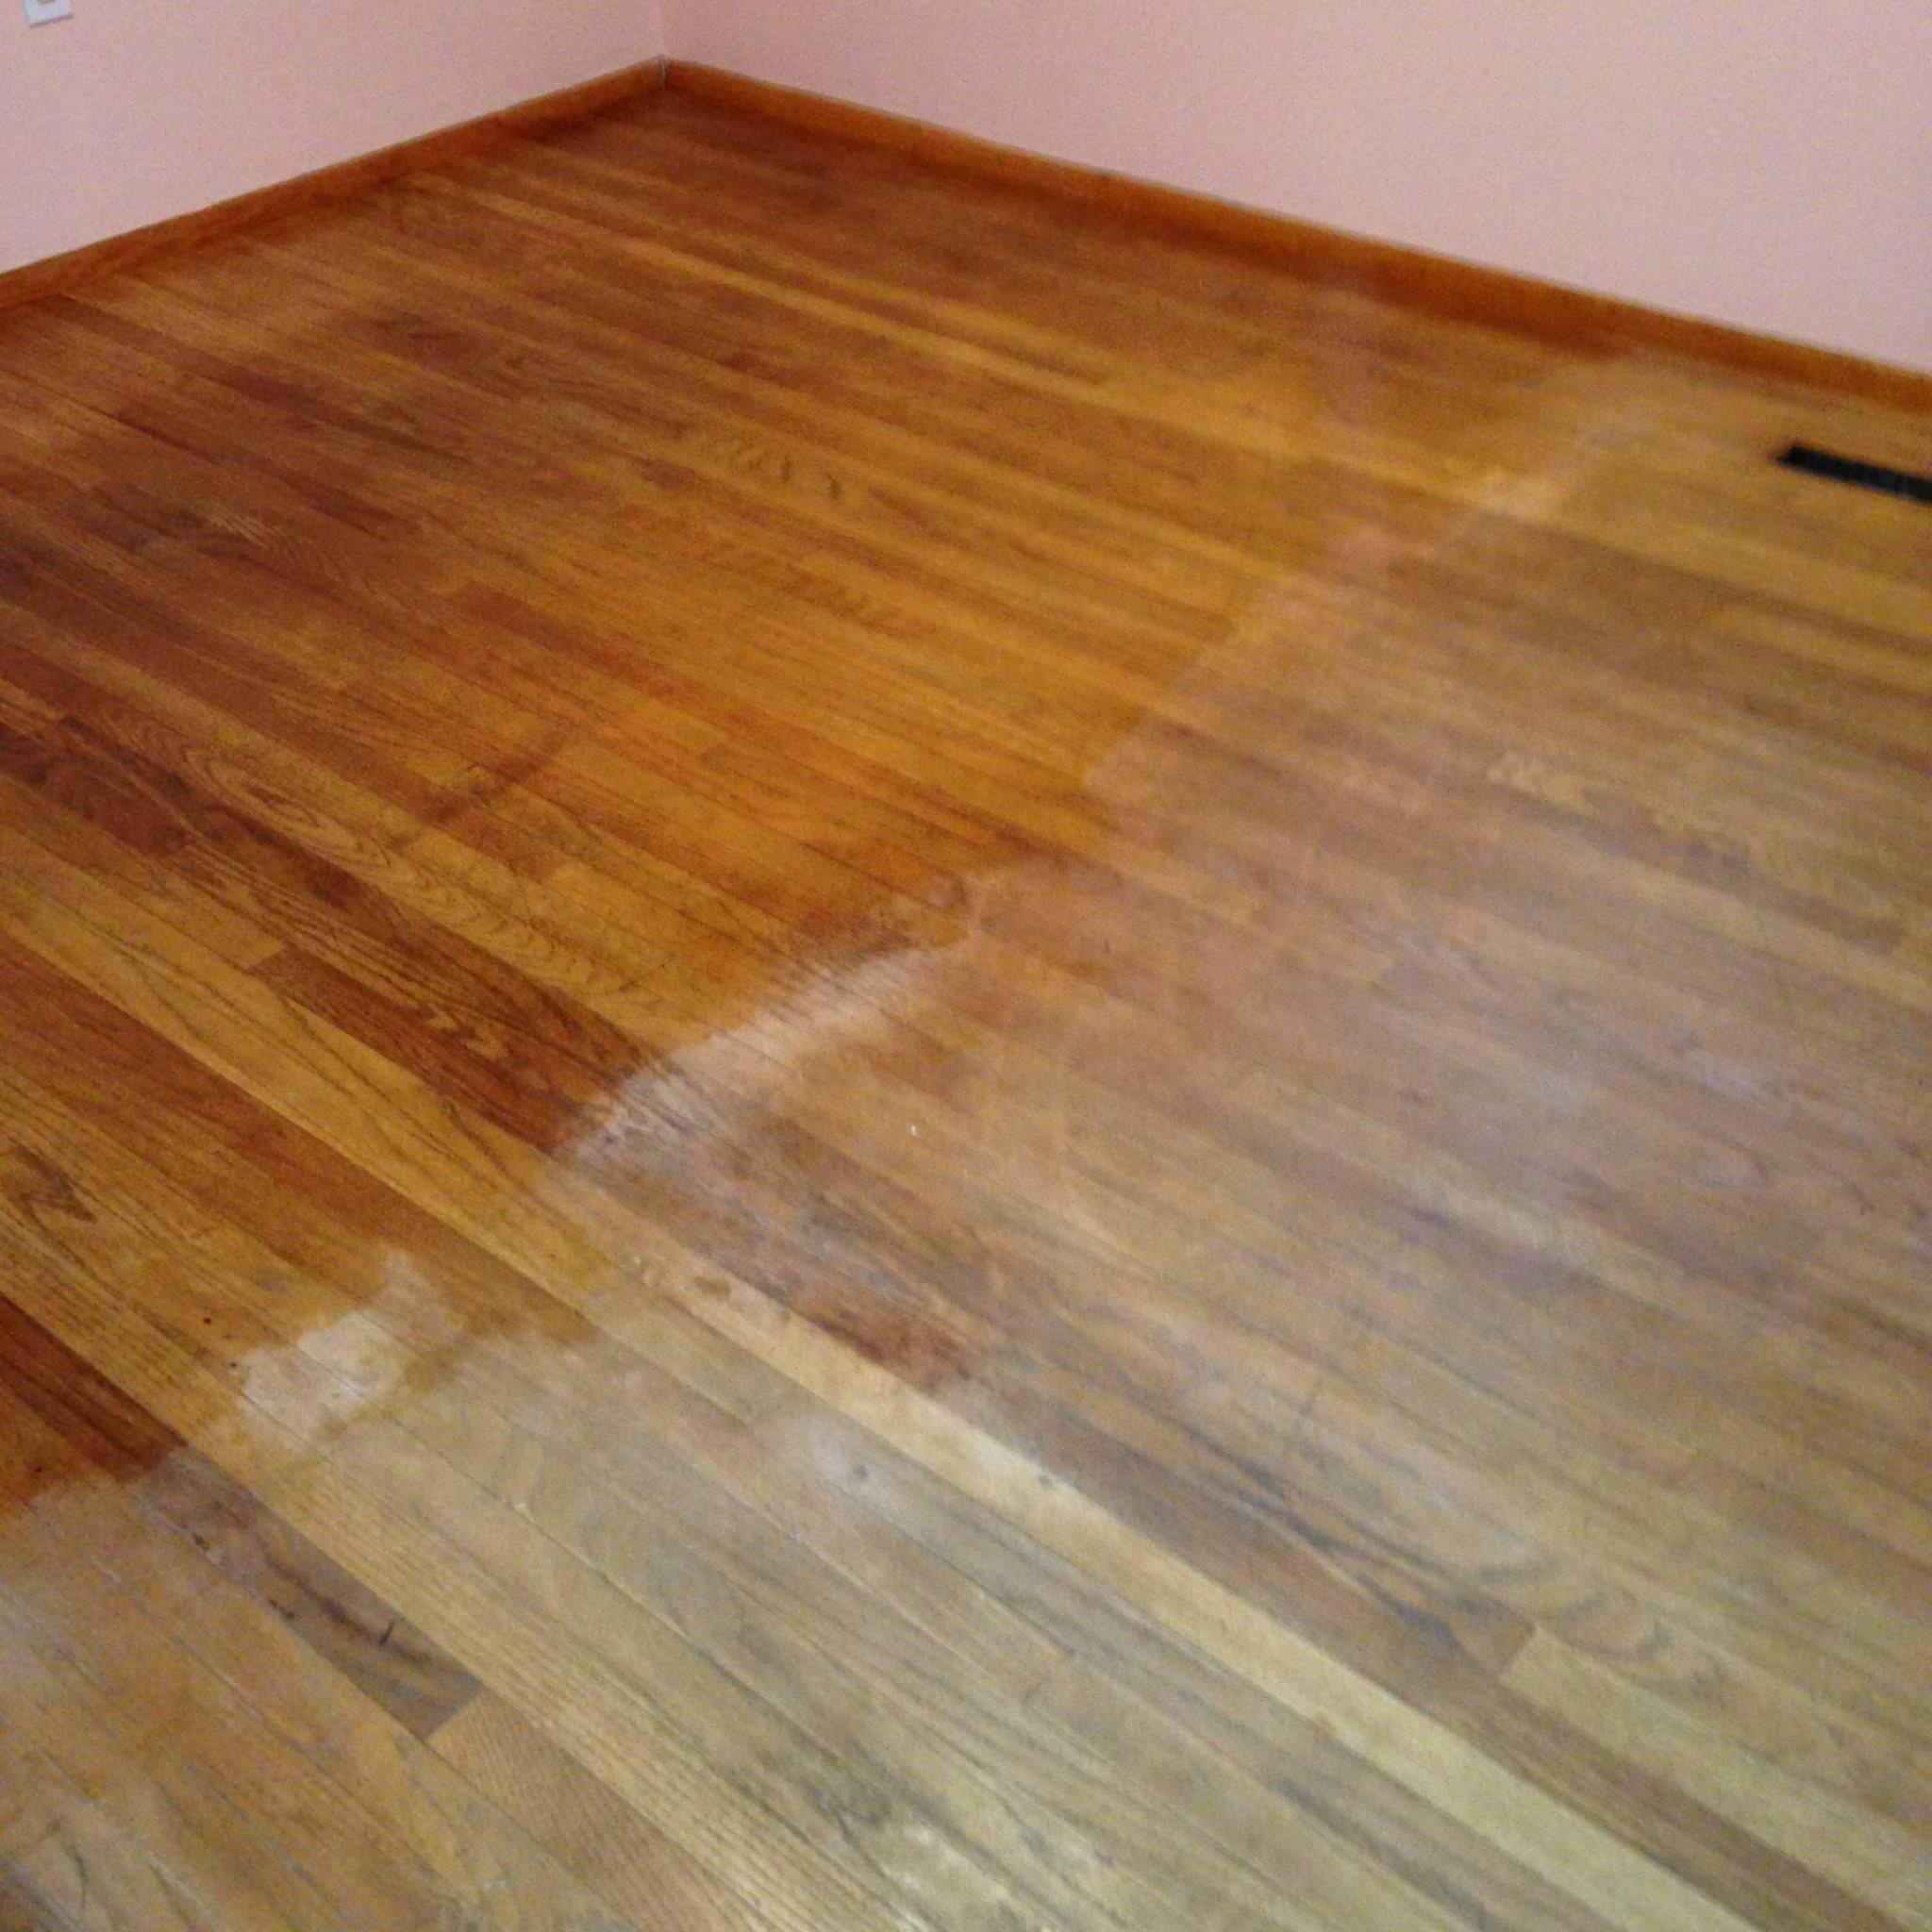 Hardwood Floor Cleaning tools Of 15 Wood Floor Hacks Every Homeowner Needs to Know Inside Wood Floor Hacks 15